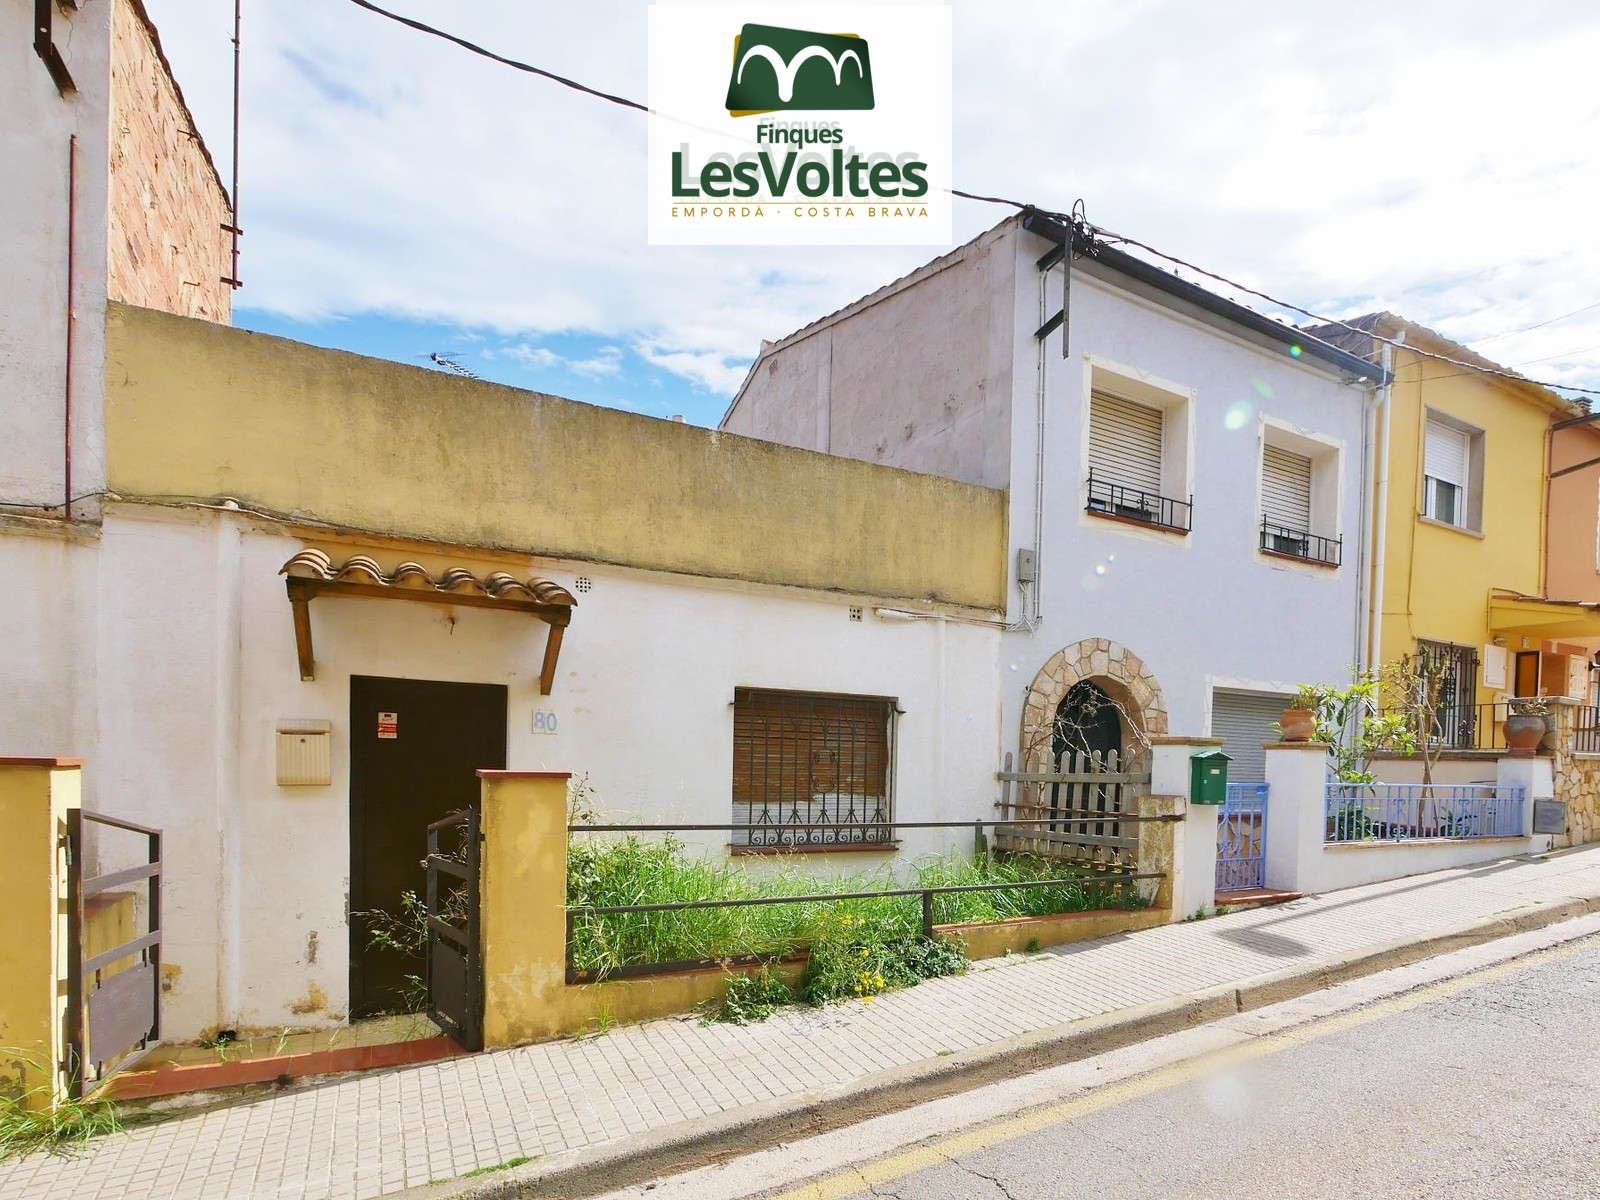 Oportunitat! Casa adossada amb gran terrassa en venda a Palafrugell. Zona residencial molt tranquil·la.